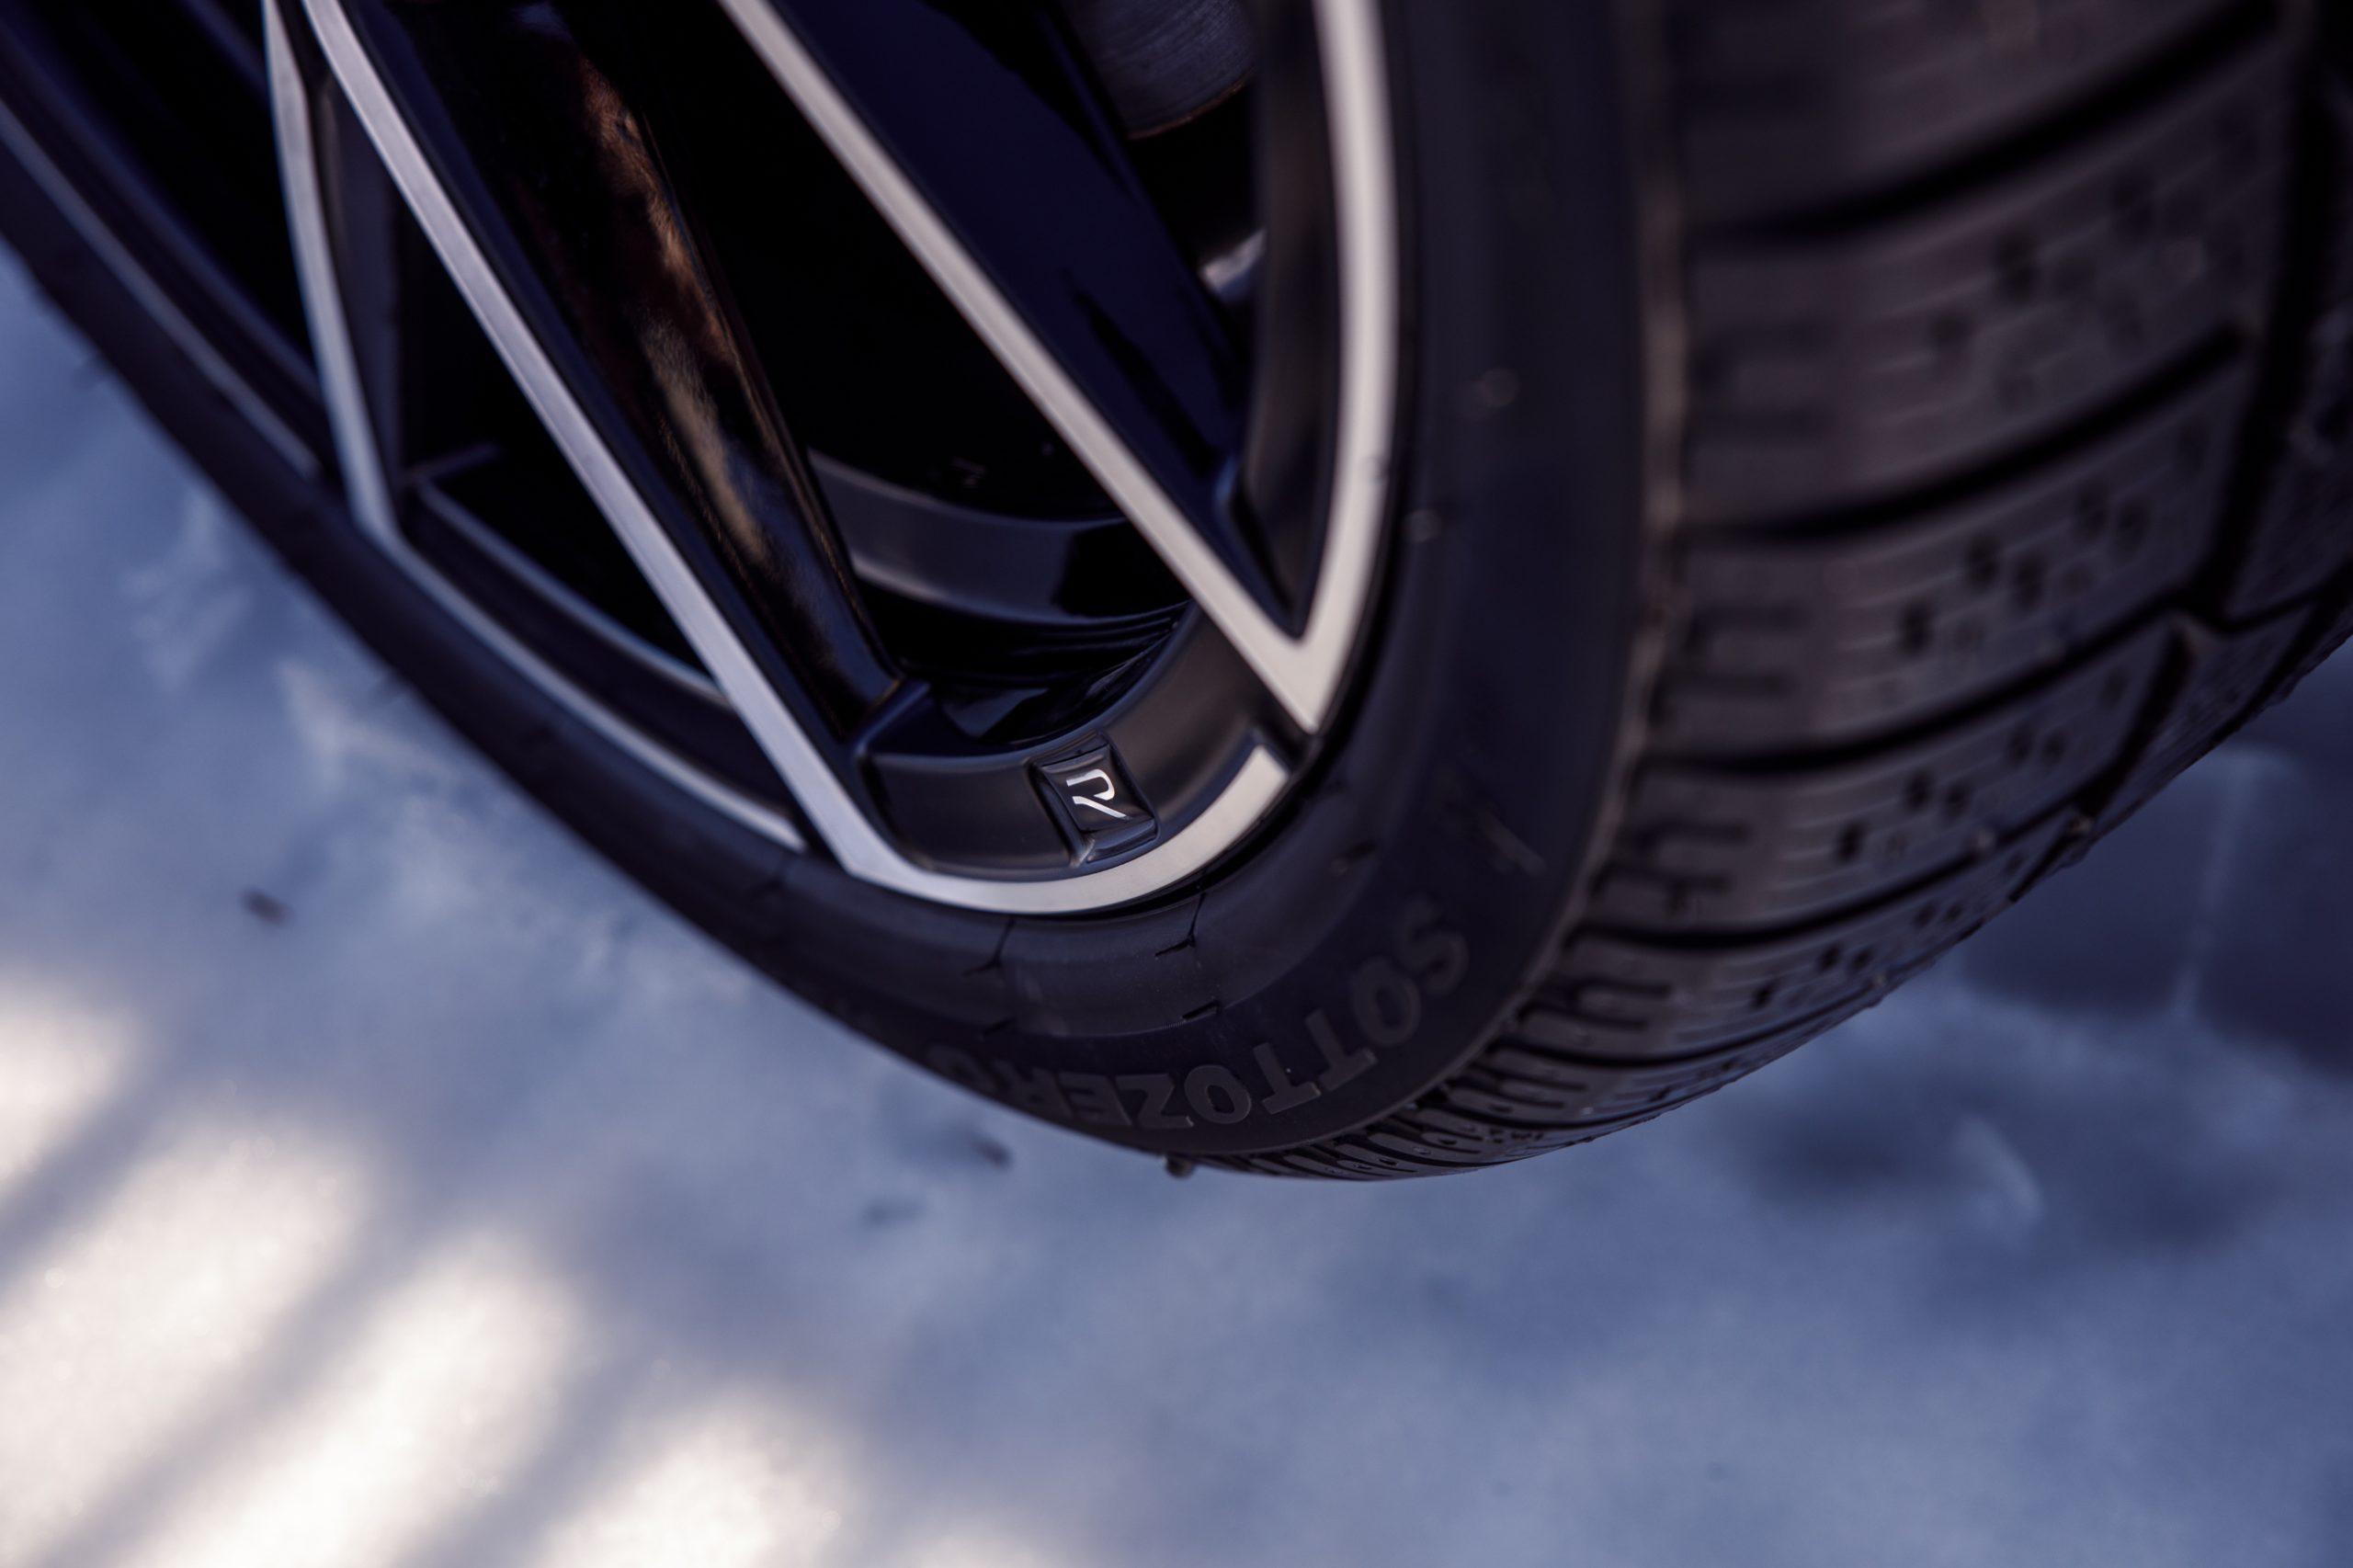 2022 Volkswagen Golf R wheel rim detail